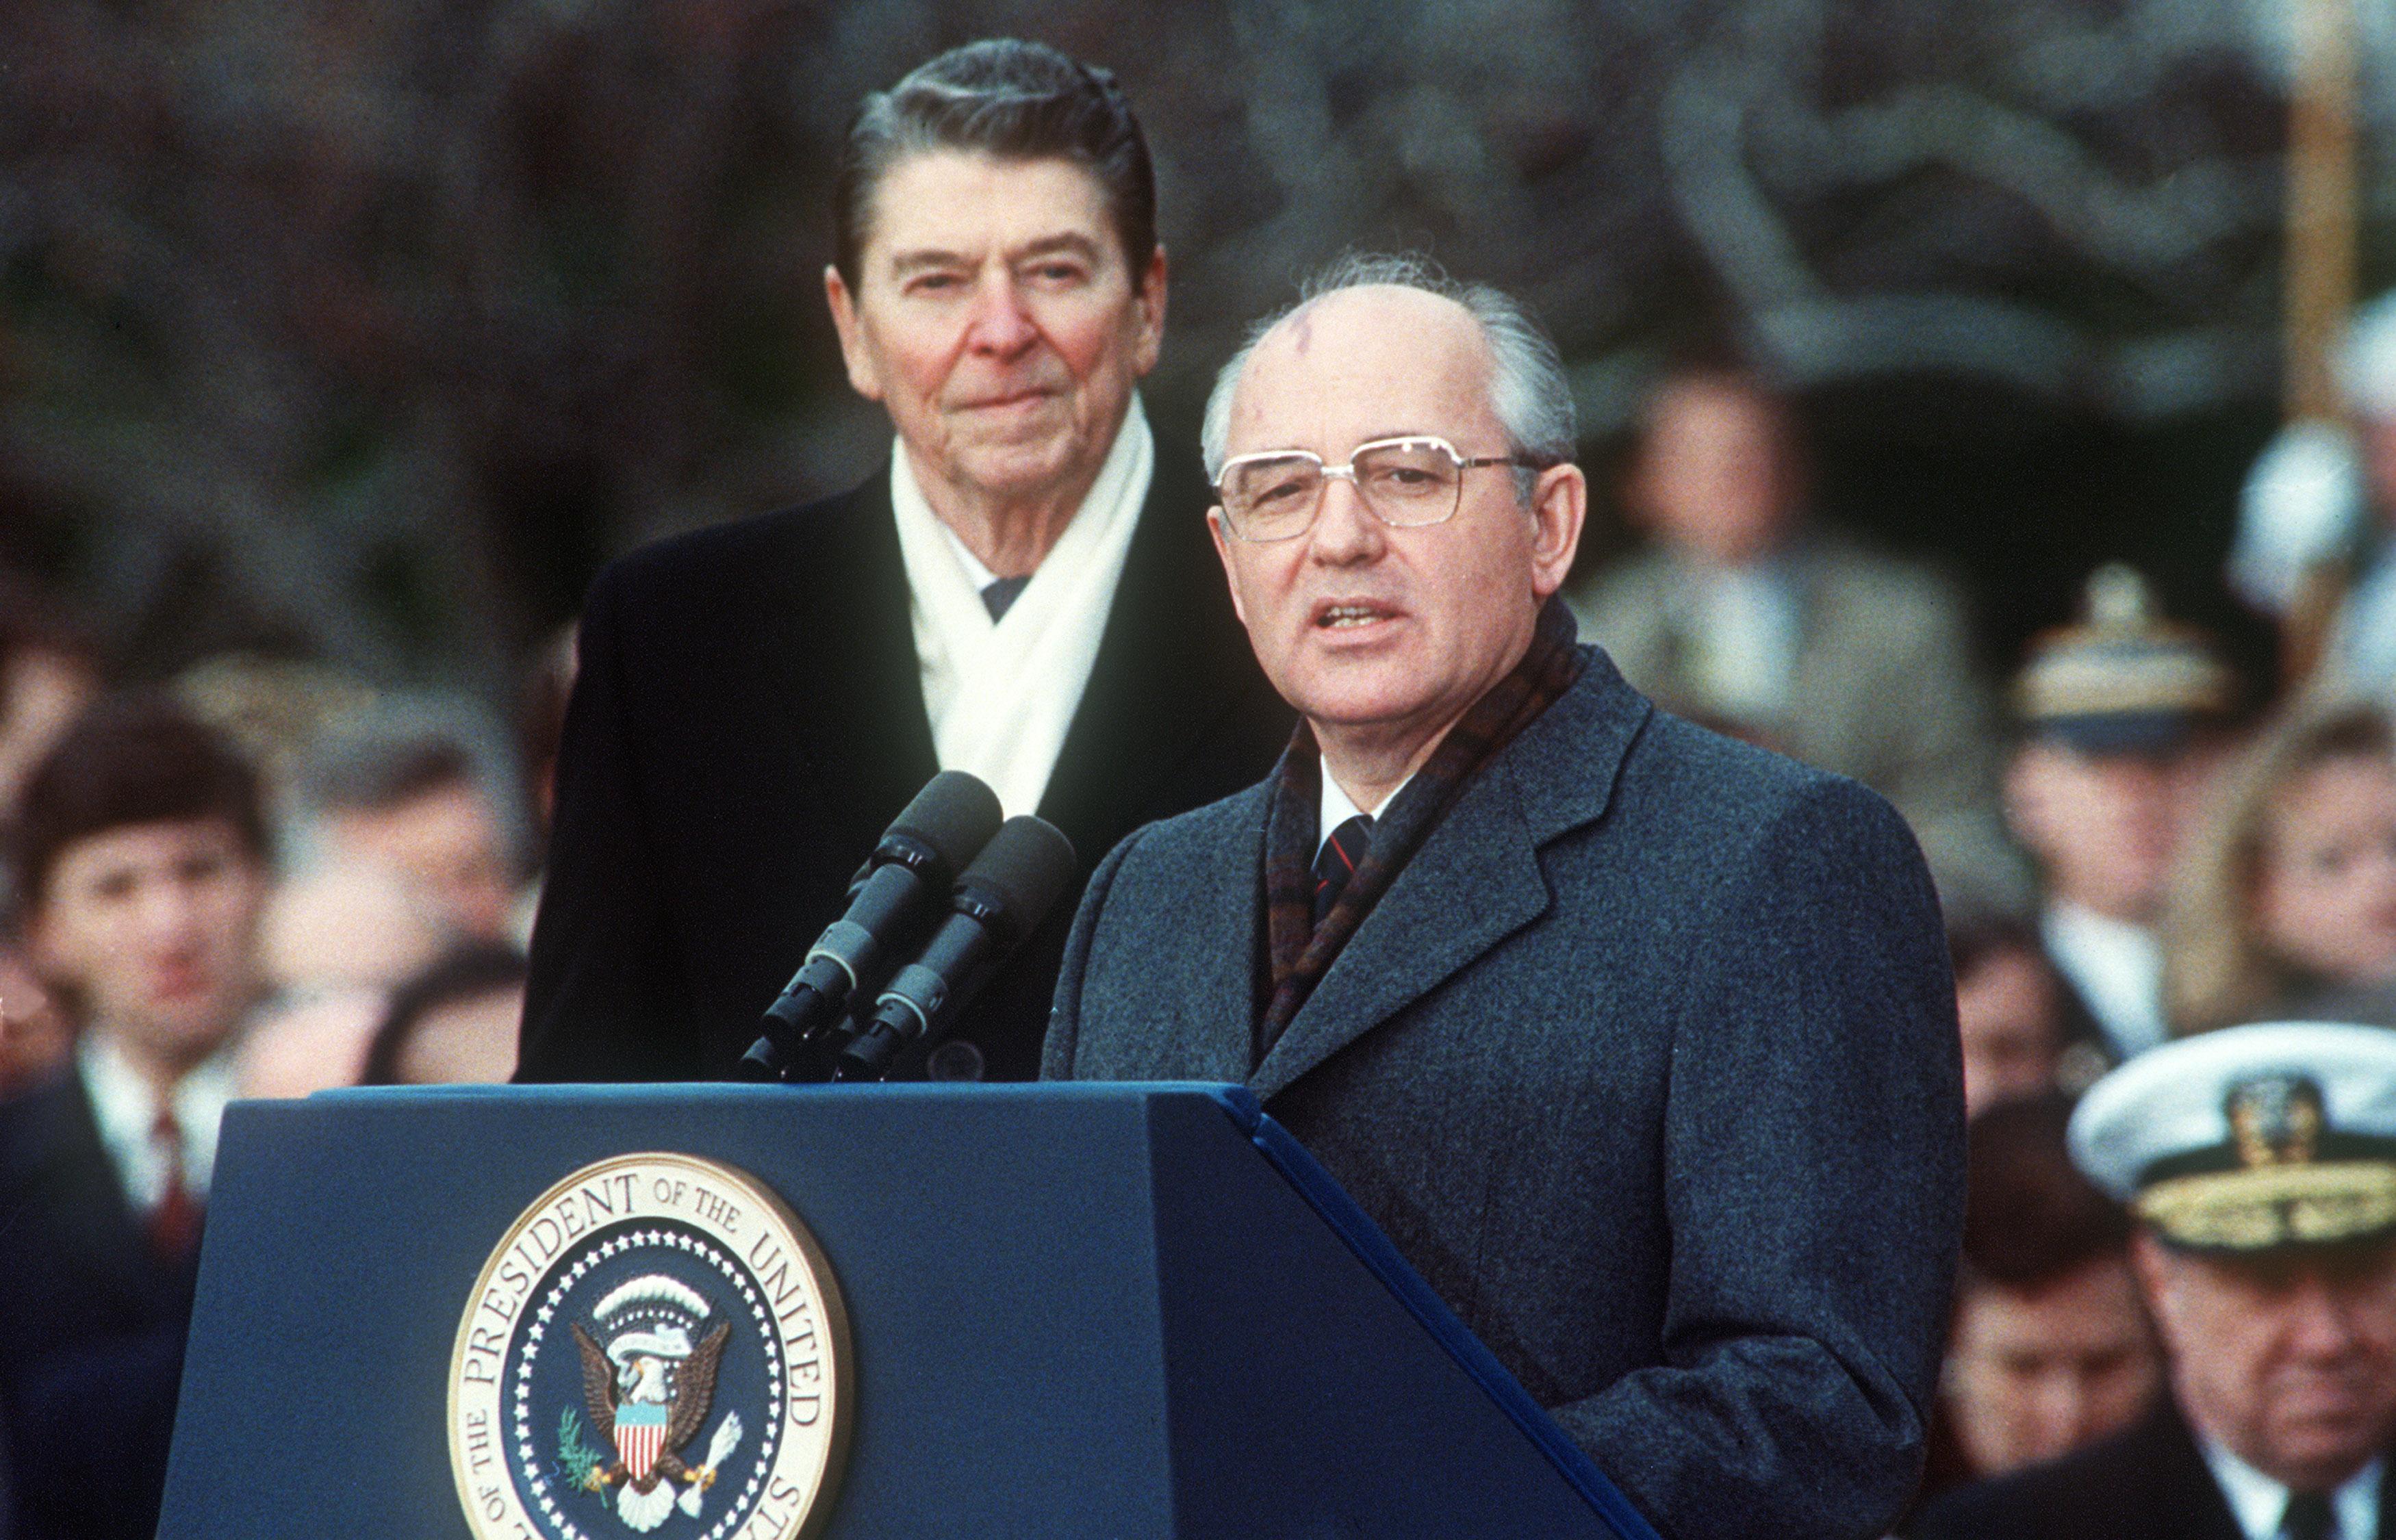 圖為1987年12月8日,美國總統列根和蘇聯領導人戈巴卓夫在白宮舉行的歡迎儀式上,這是他們舉行為期三天裁軍峰會的第一天。三天後,兩個超級大國的領導人簽署了《中導條約》。(JEROME DELAY/AFP/Getty Images)